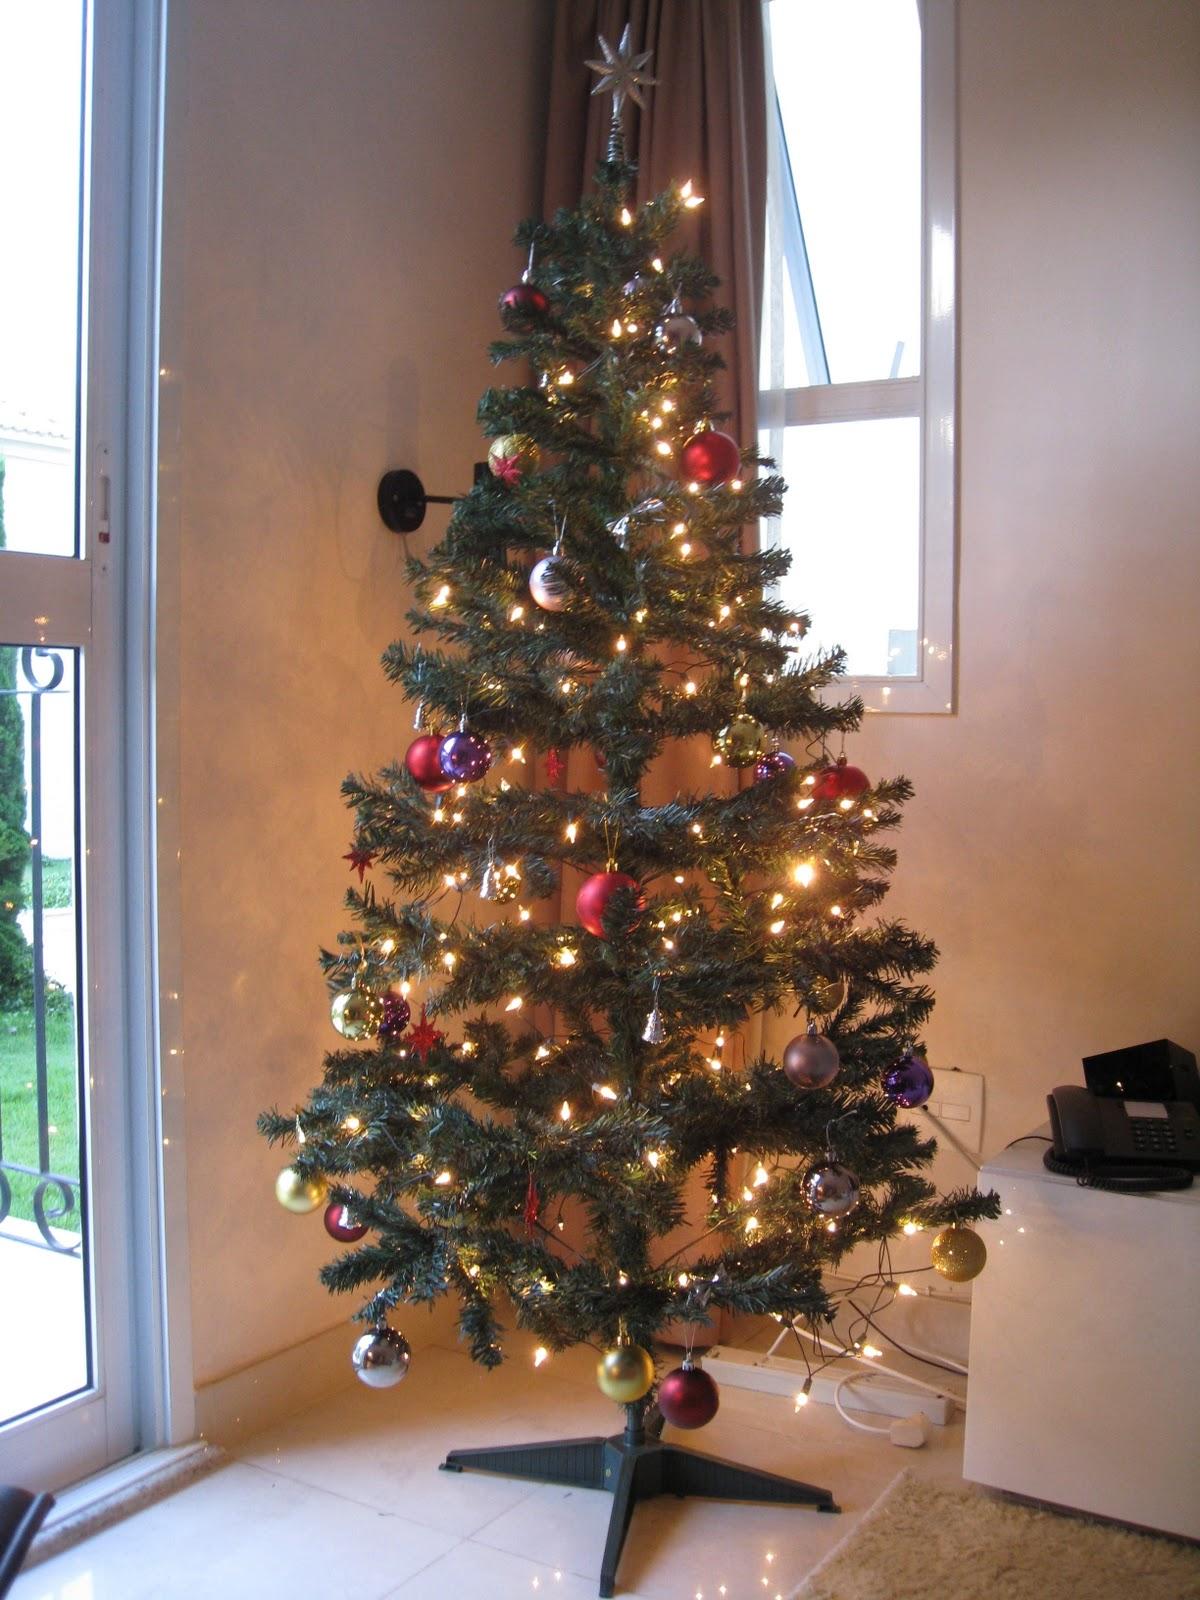 Godt Mit Brasilien: Der er nogen der siger, at det snart er jul! KQ12